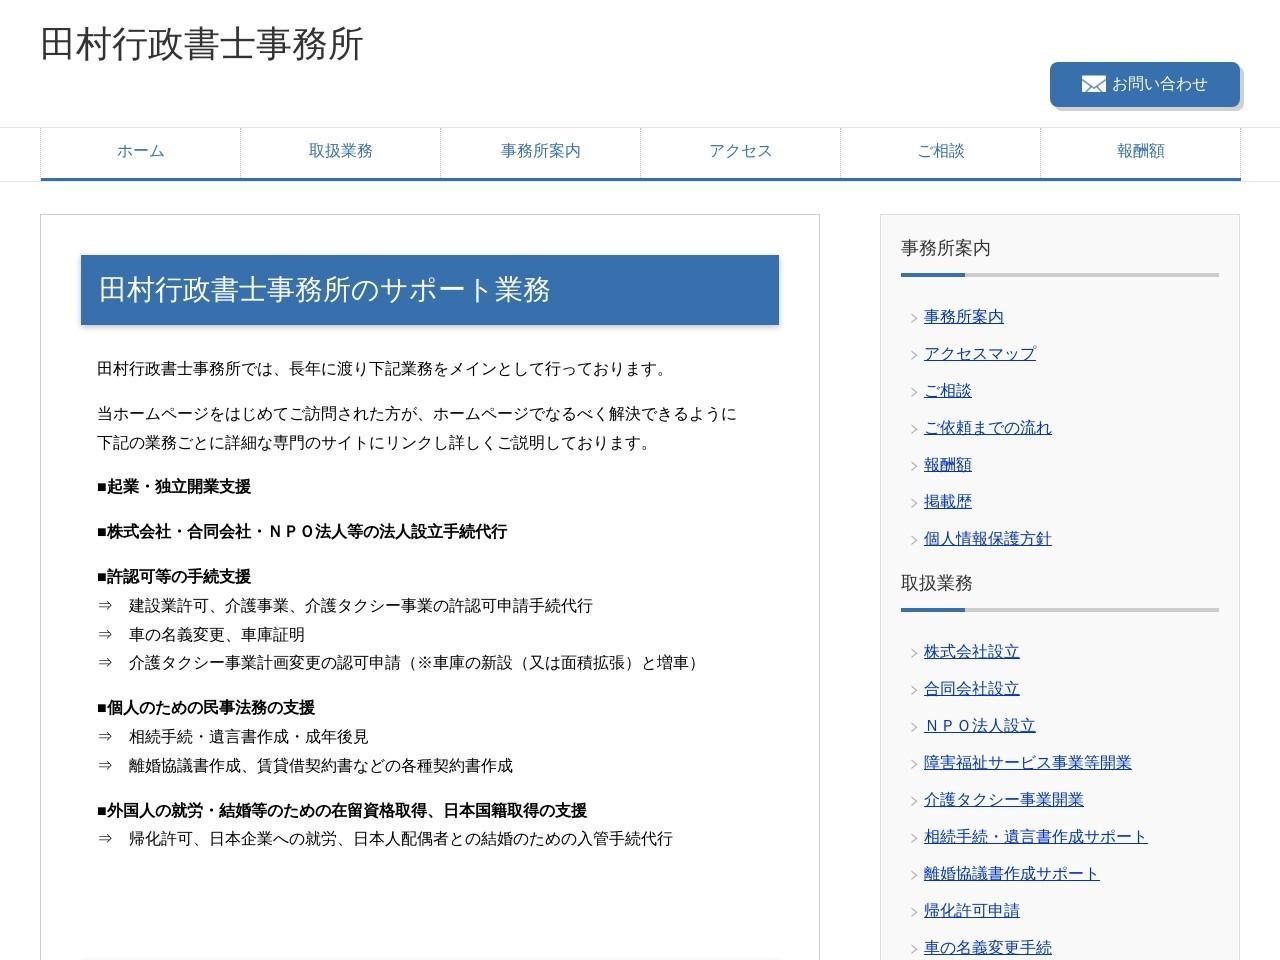 田村行政書士事務所